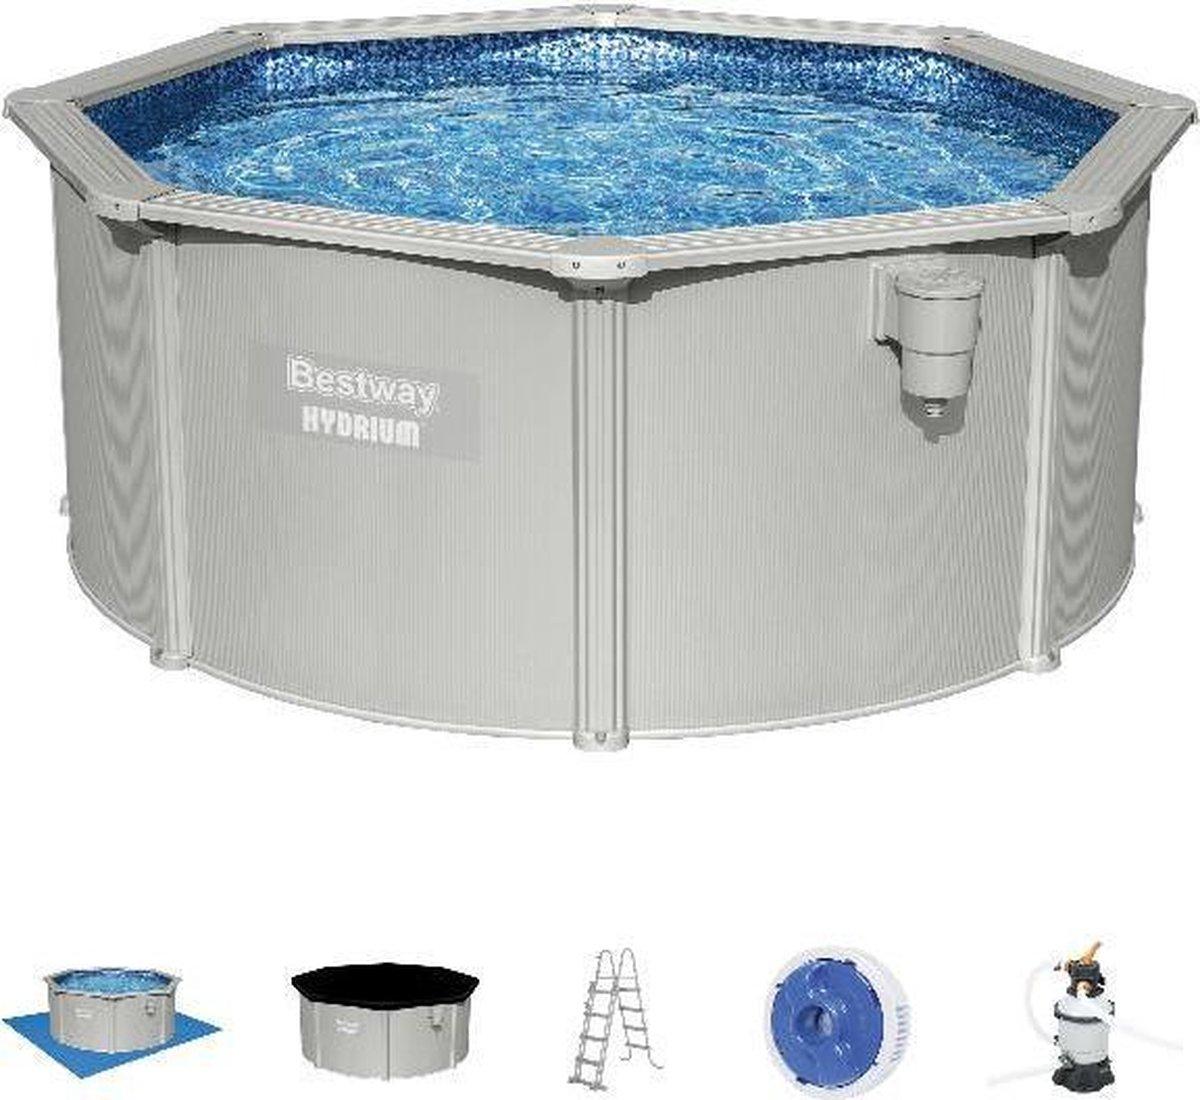 Bestway zwembad hydrium set (zandfilter) rond 300